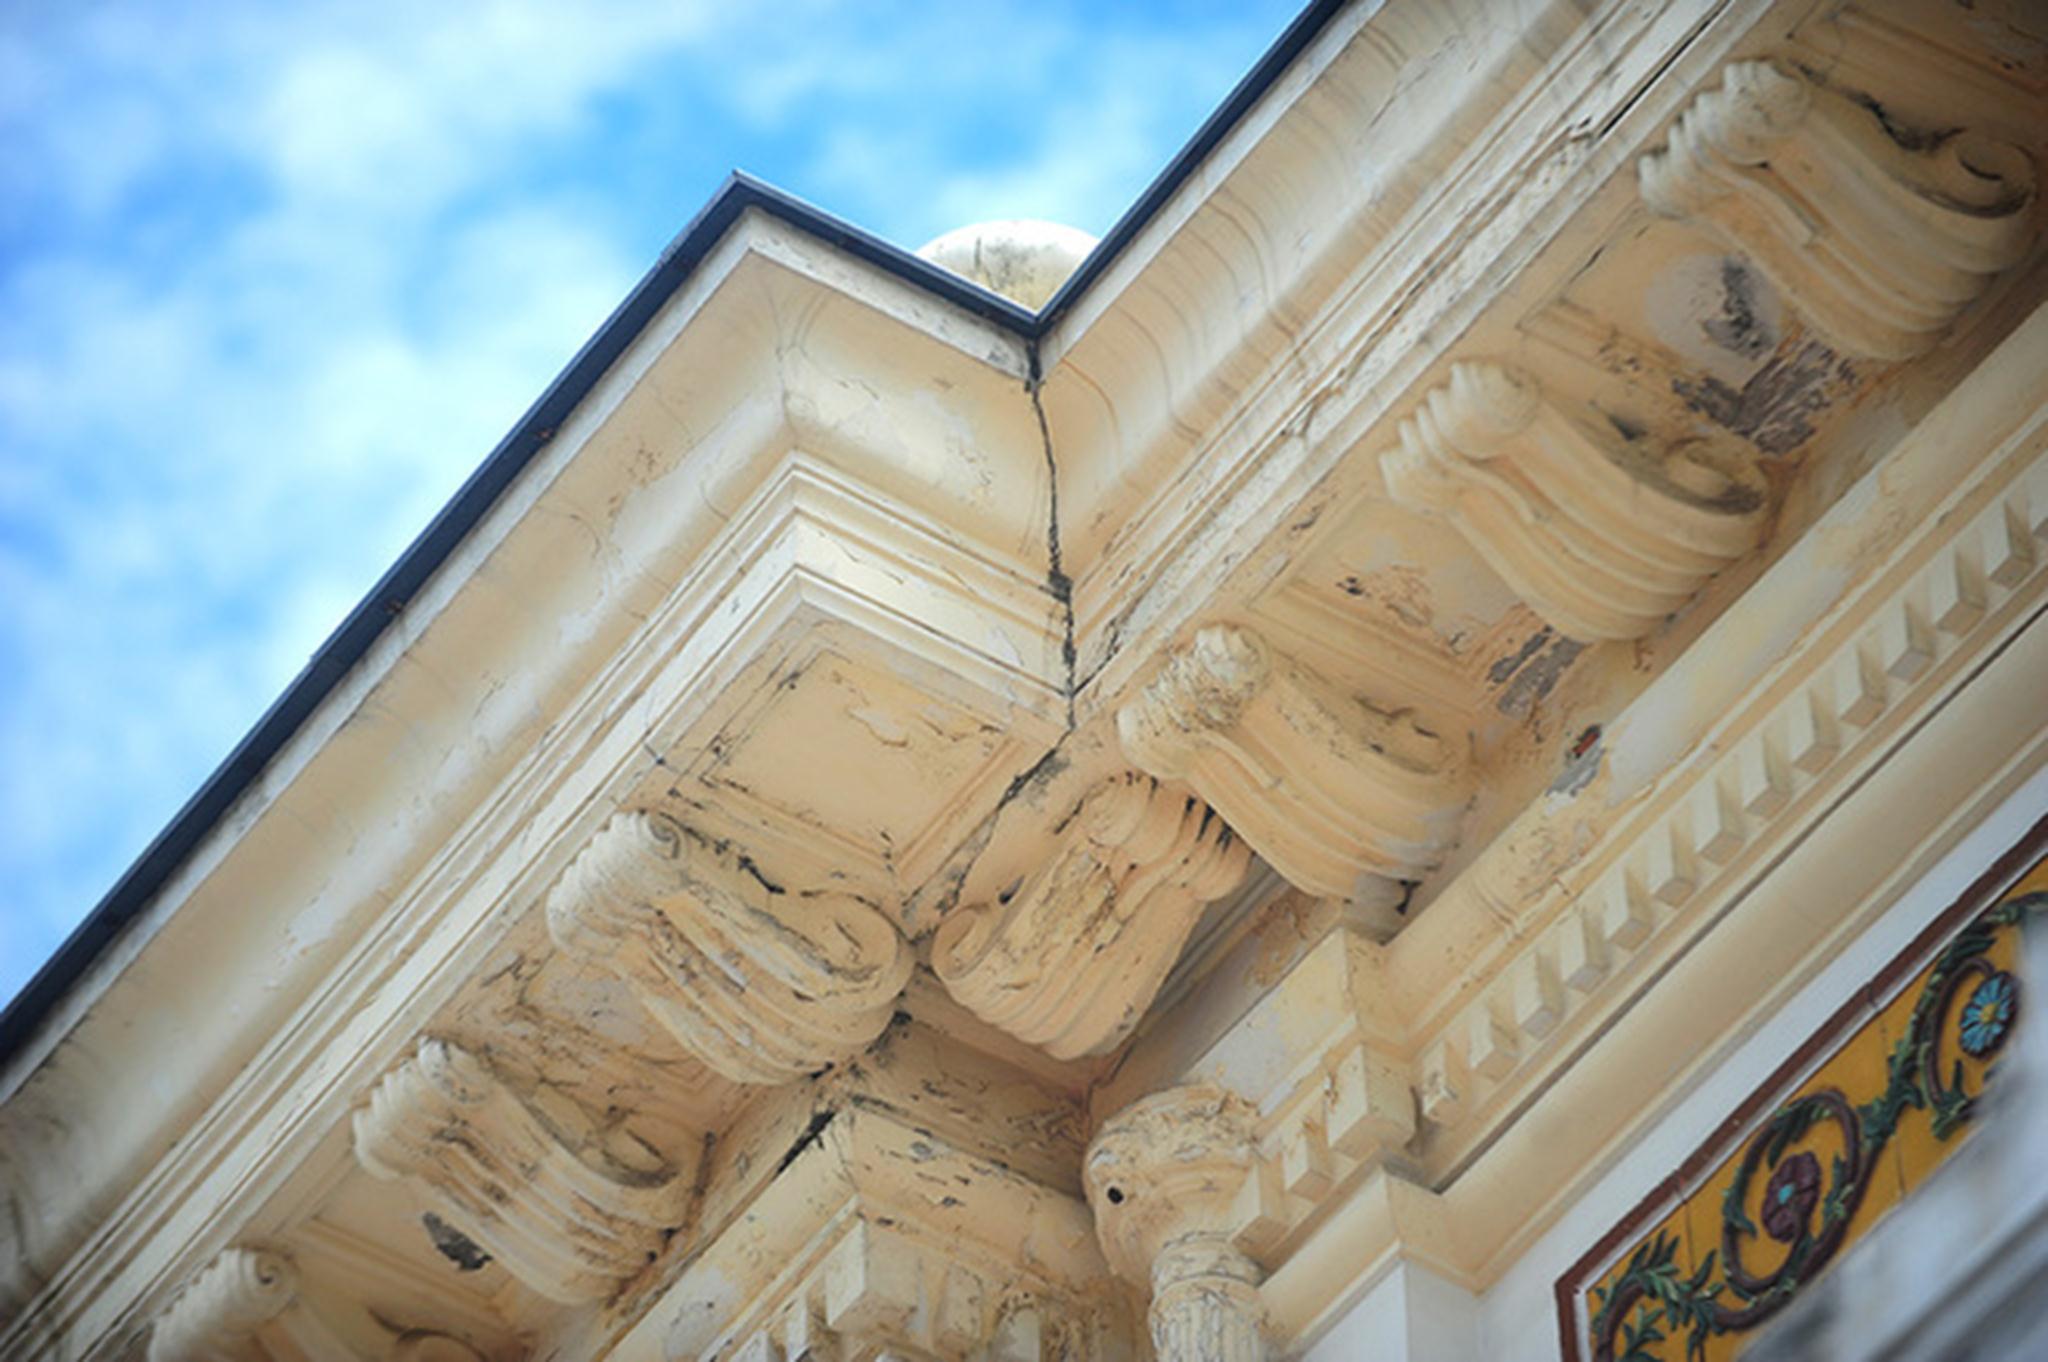 Tuy nhiên, Sở Văn hoá Thể thao và Du lịch Hà Nội cho biết chưa nhận được đề nghị tu sửa. Cục Di sản (Bộ Văn hoá) xác nhận đến hôm nay vẫn chưa nhận được công văn xin phép sơn sửa lại Nhà hát Lớn.